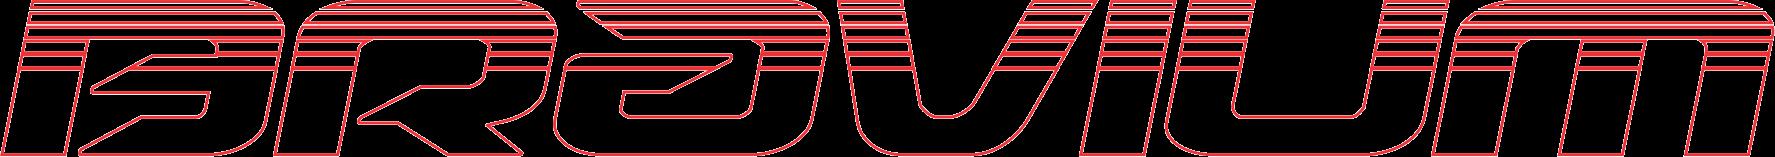 header_logo_bravium